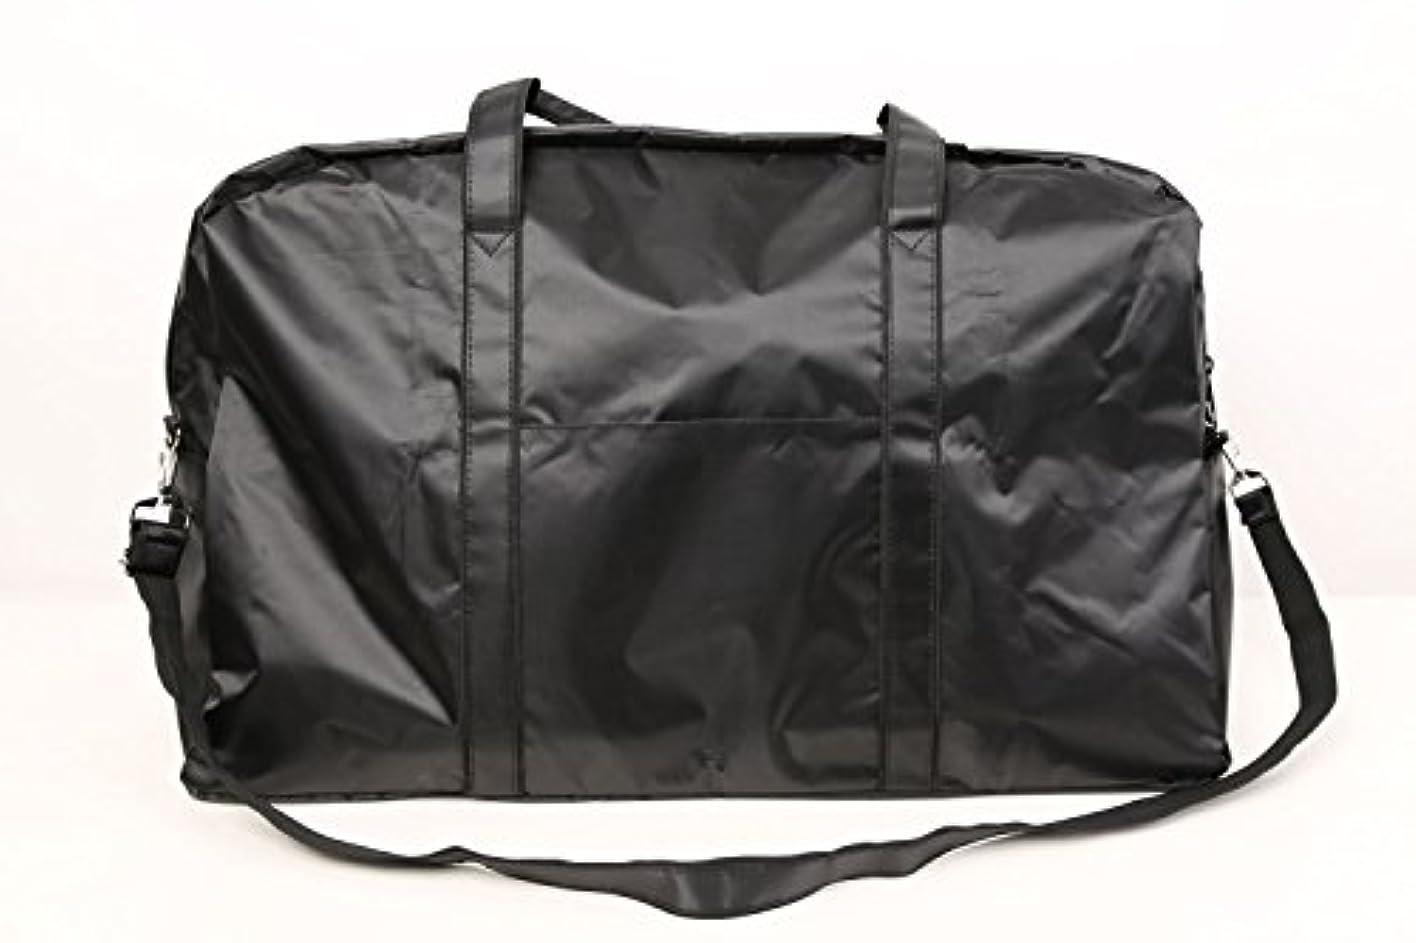 最愛の払い戻し破裂カットウィッグ用バッグ 大容量 軽量 ナイロンバッグ ブラック XRDB-1